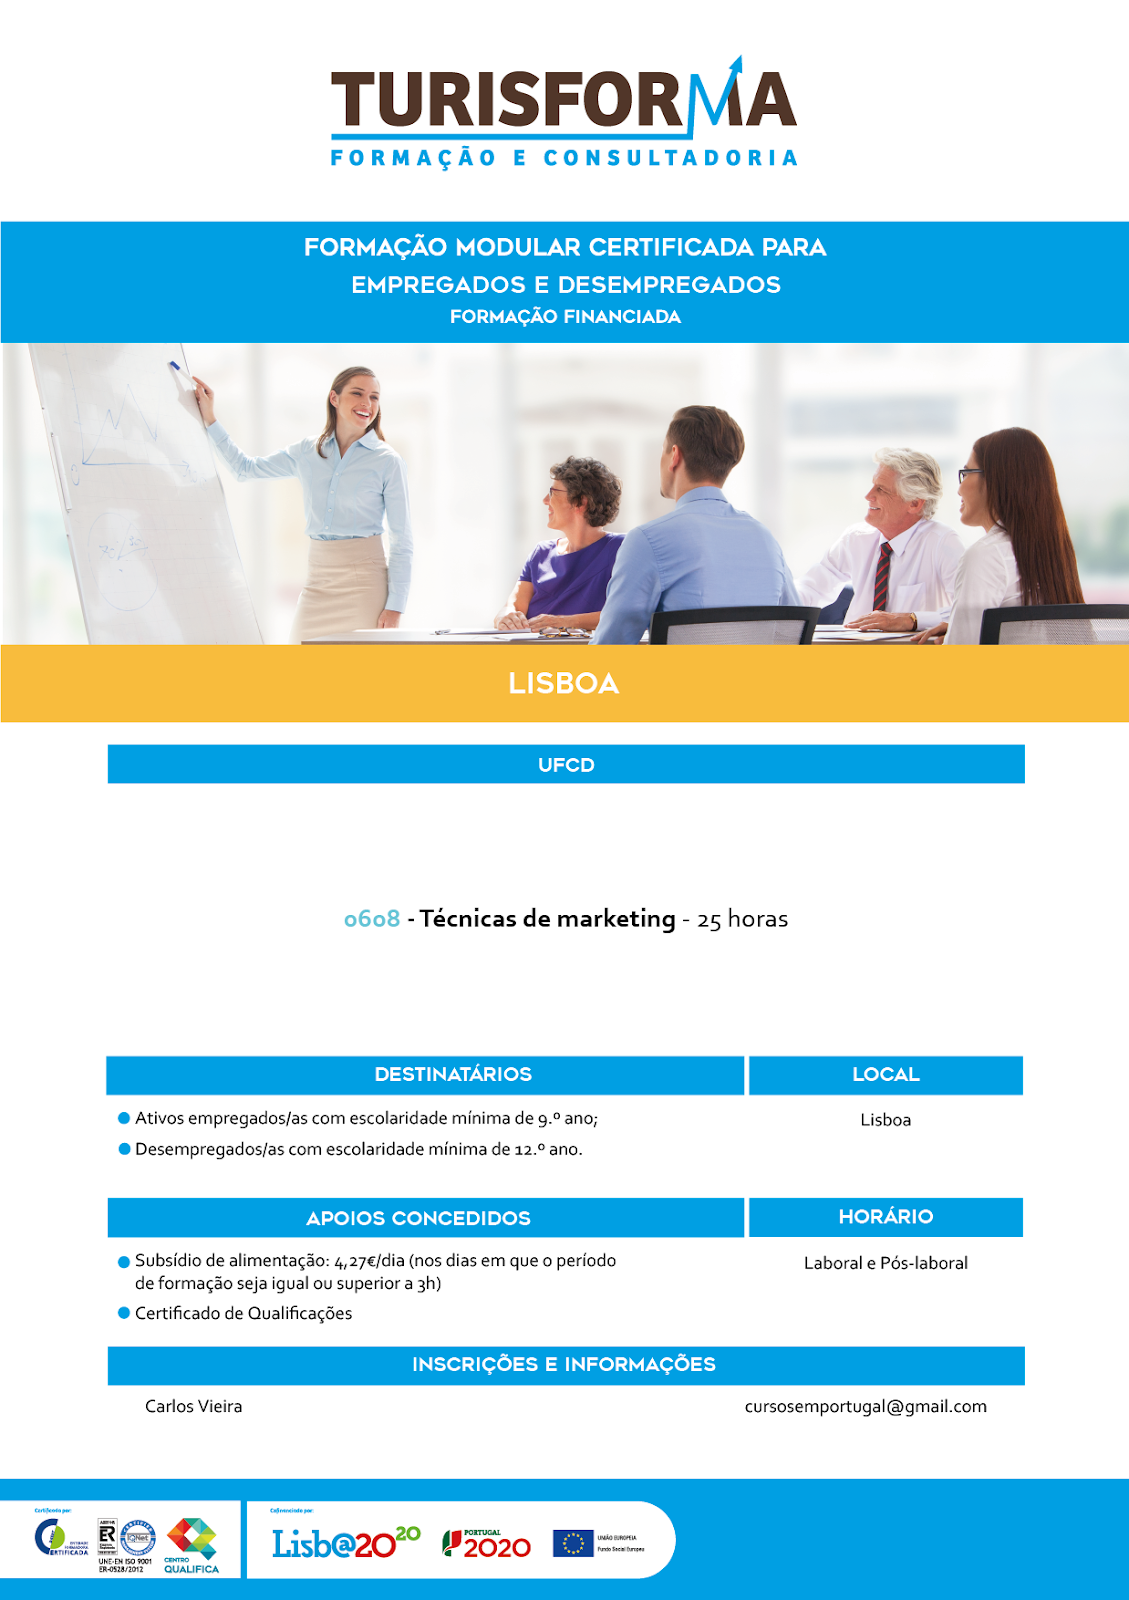 Curso subsidiado de Técnicas de Marketing em Lisboa (Alfragide)